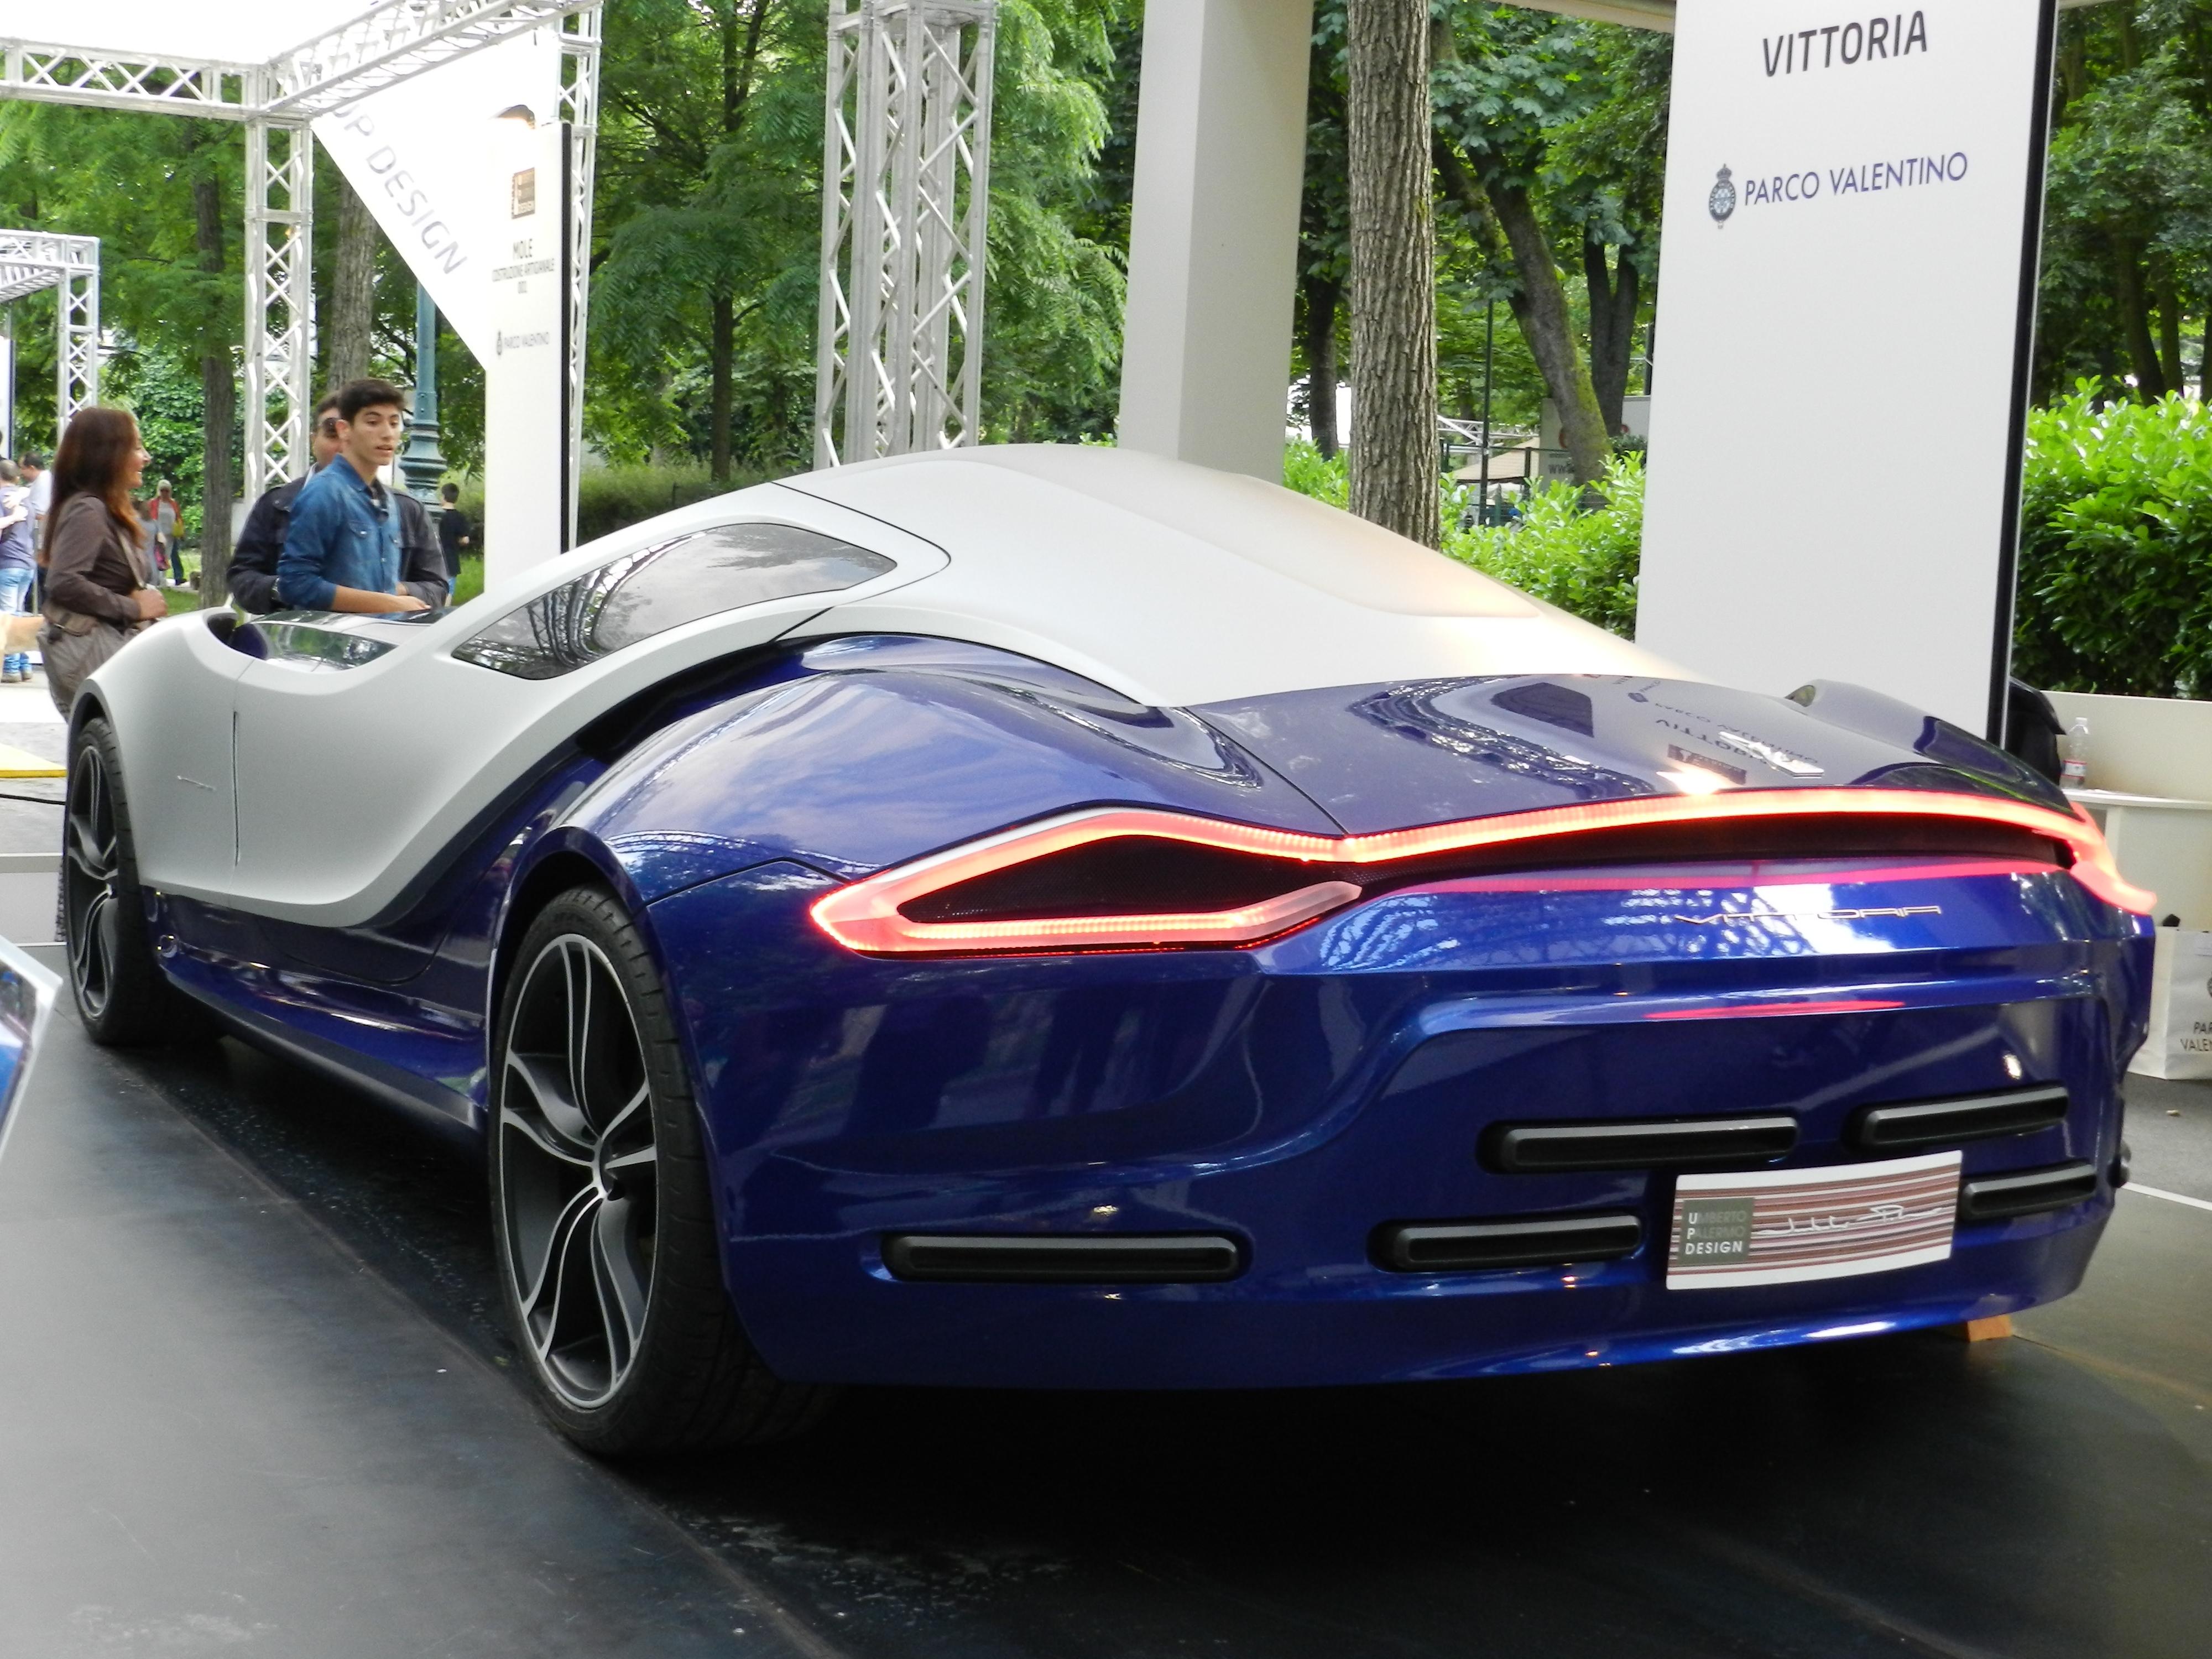 Fondos De Pantalla Vehículo Porsche Show De Net: Fondos De Pantalla : Vehículo, Coche Deportivo, 2015